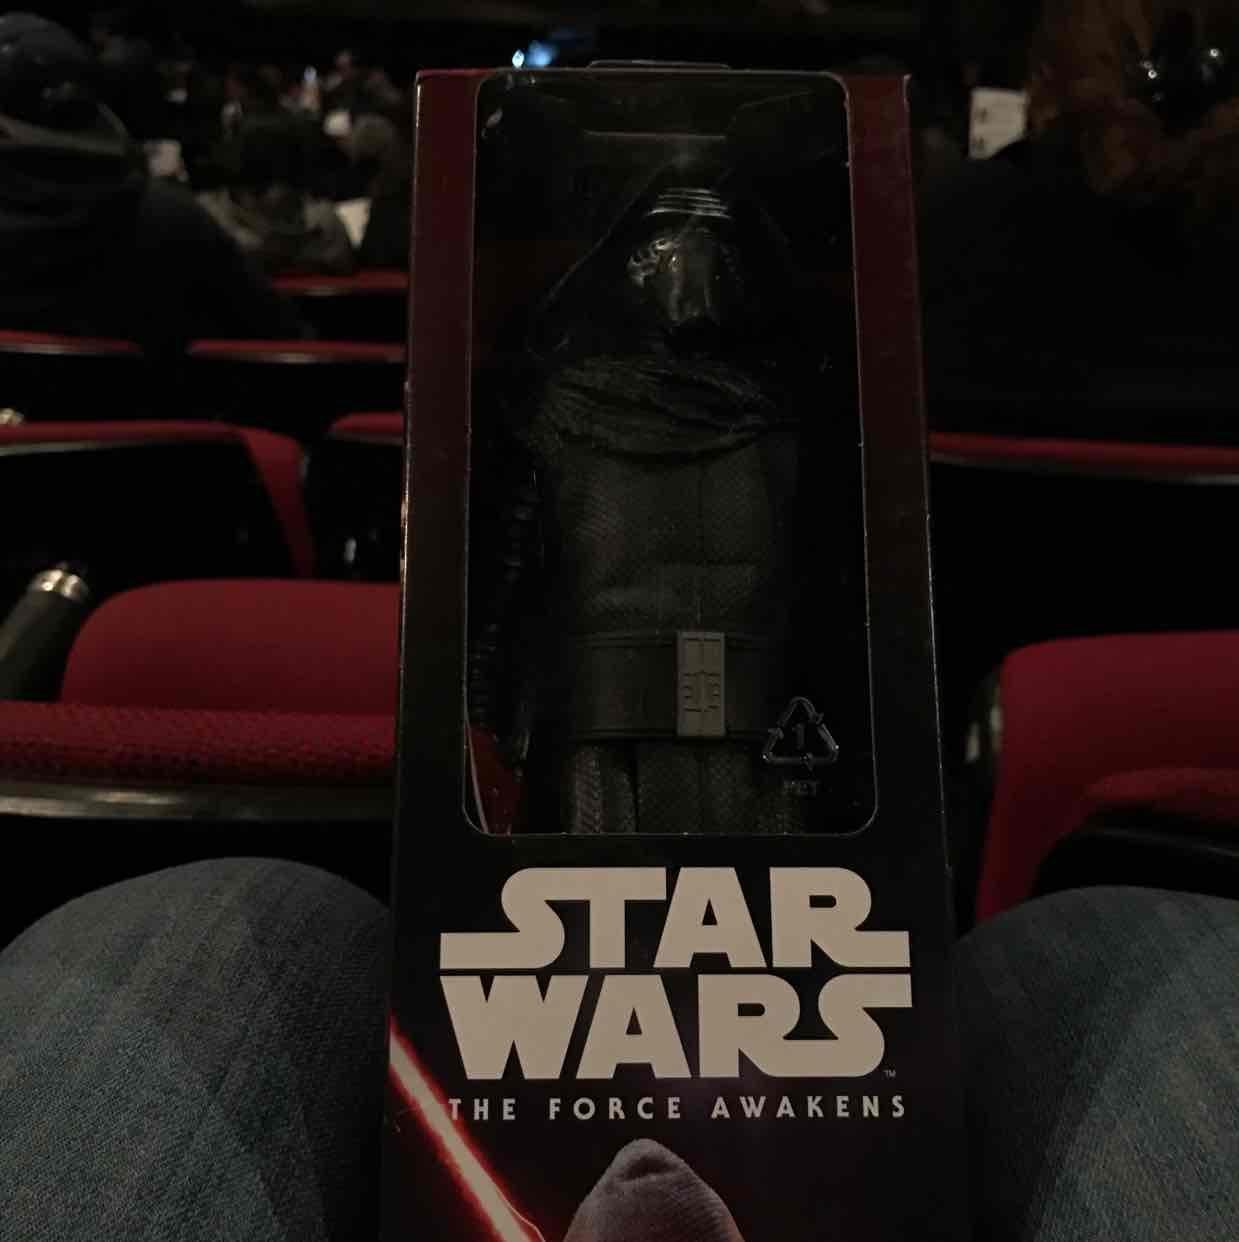 Vips Teatro Insurgentes: Star Wars - Kylo Ren